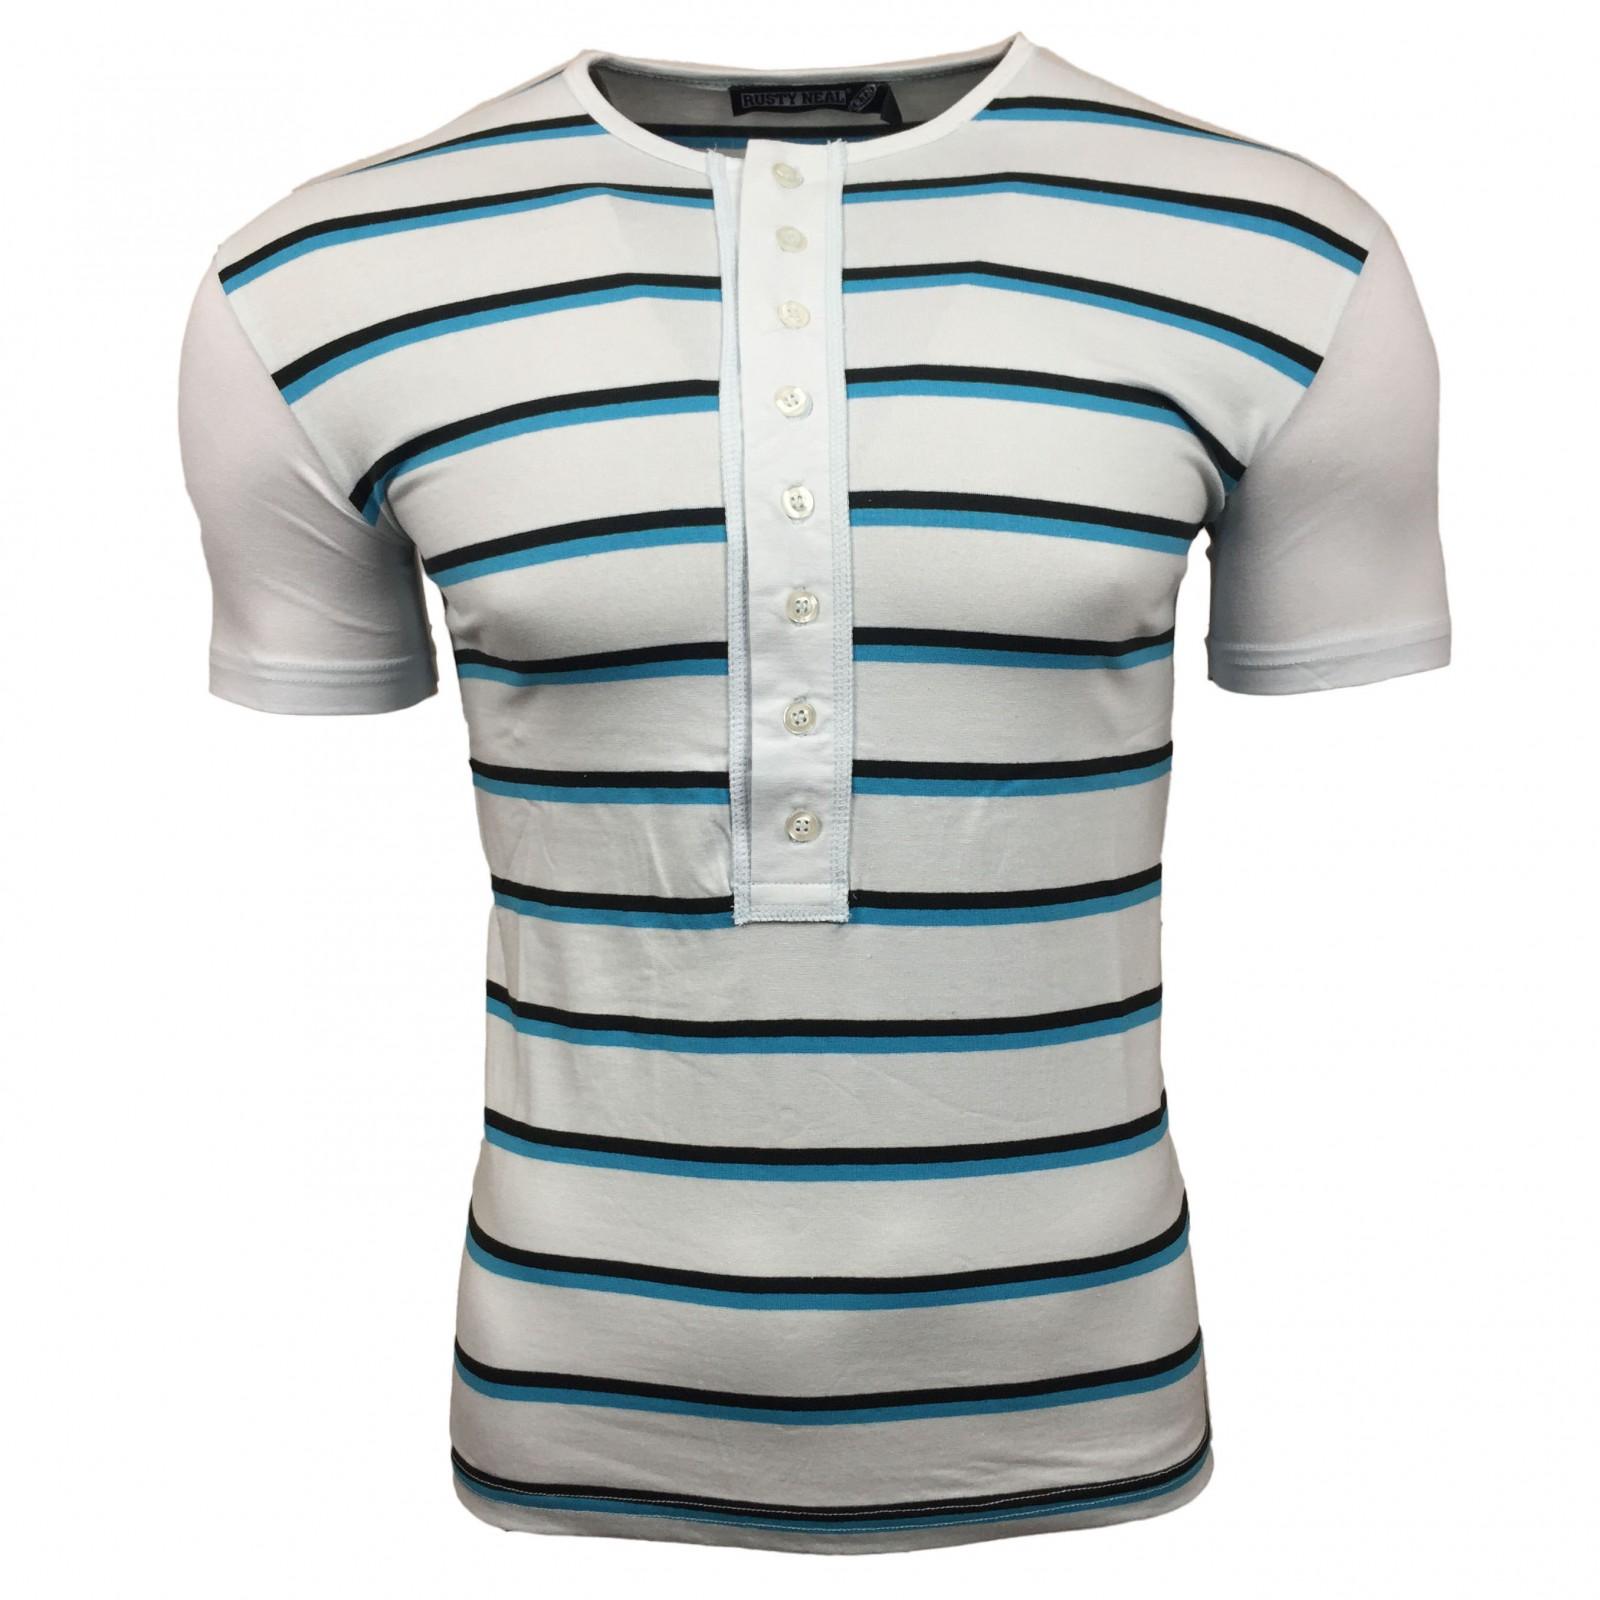 ea8bcd93d2c9be Günstige preise und viele gestaltungsmöglichkeiten. Pinnacle tshirt druck  tshirt bedrucken shirtcity. Herzlich willkommen bei slimshirt!